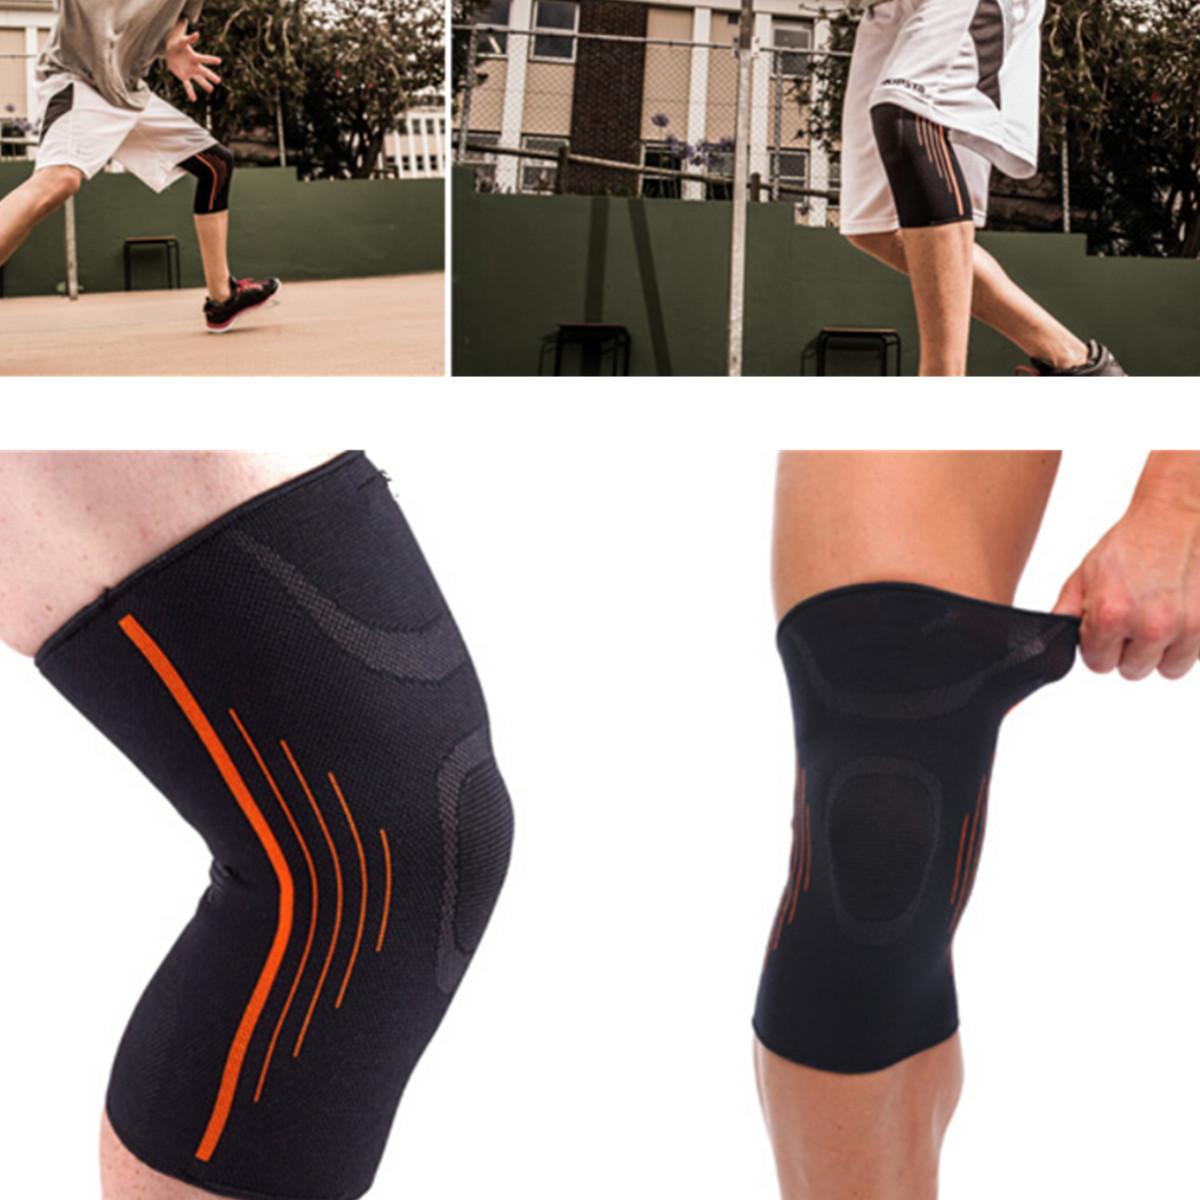 Jual Deker Lutut Kesehatan Murah Garansi Dan Berkualitas Id Store Sabuk Terapi Pemanasan Kaki Magnetic Theraphy Self Heating Knee Pad Rp 76000 Elastis Pendukung Bungkus Pelindung Kiper